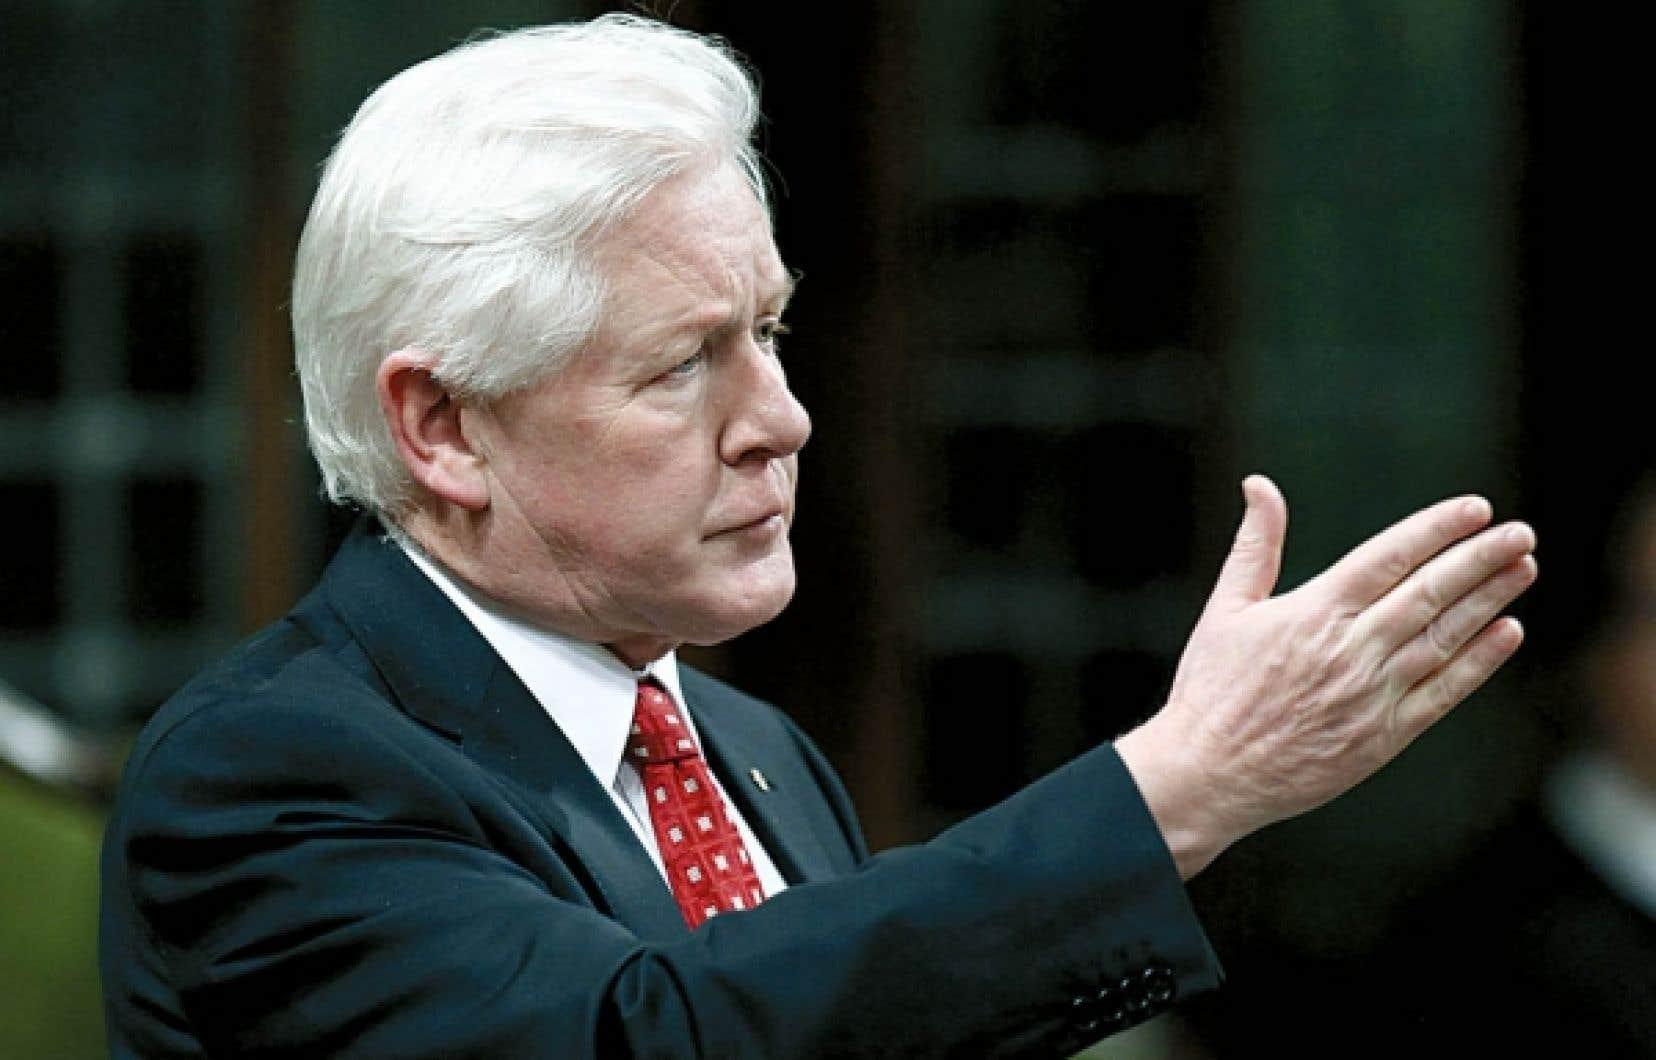 Le chef libéral par intérim, Bob Rae, estime que les provinces devraient être consultées advenant une réforme du programme fédéral de la Sécurité de la vieillesse.